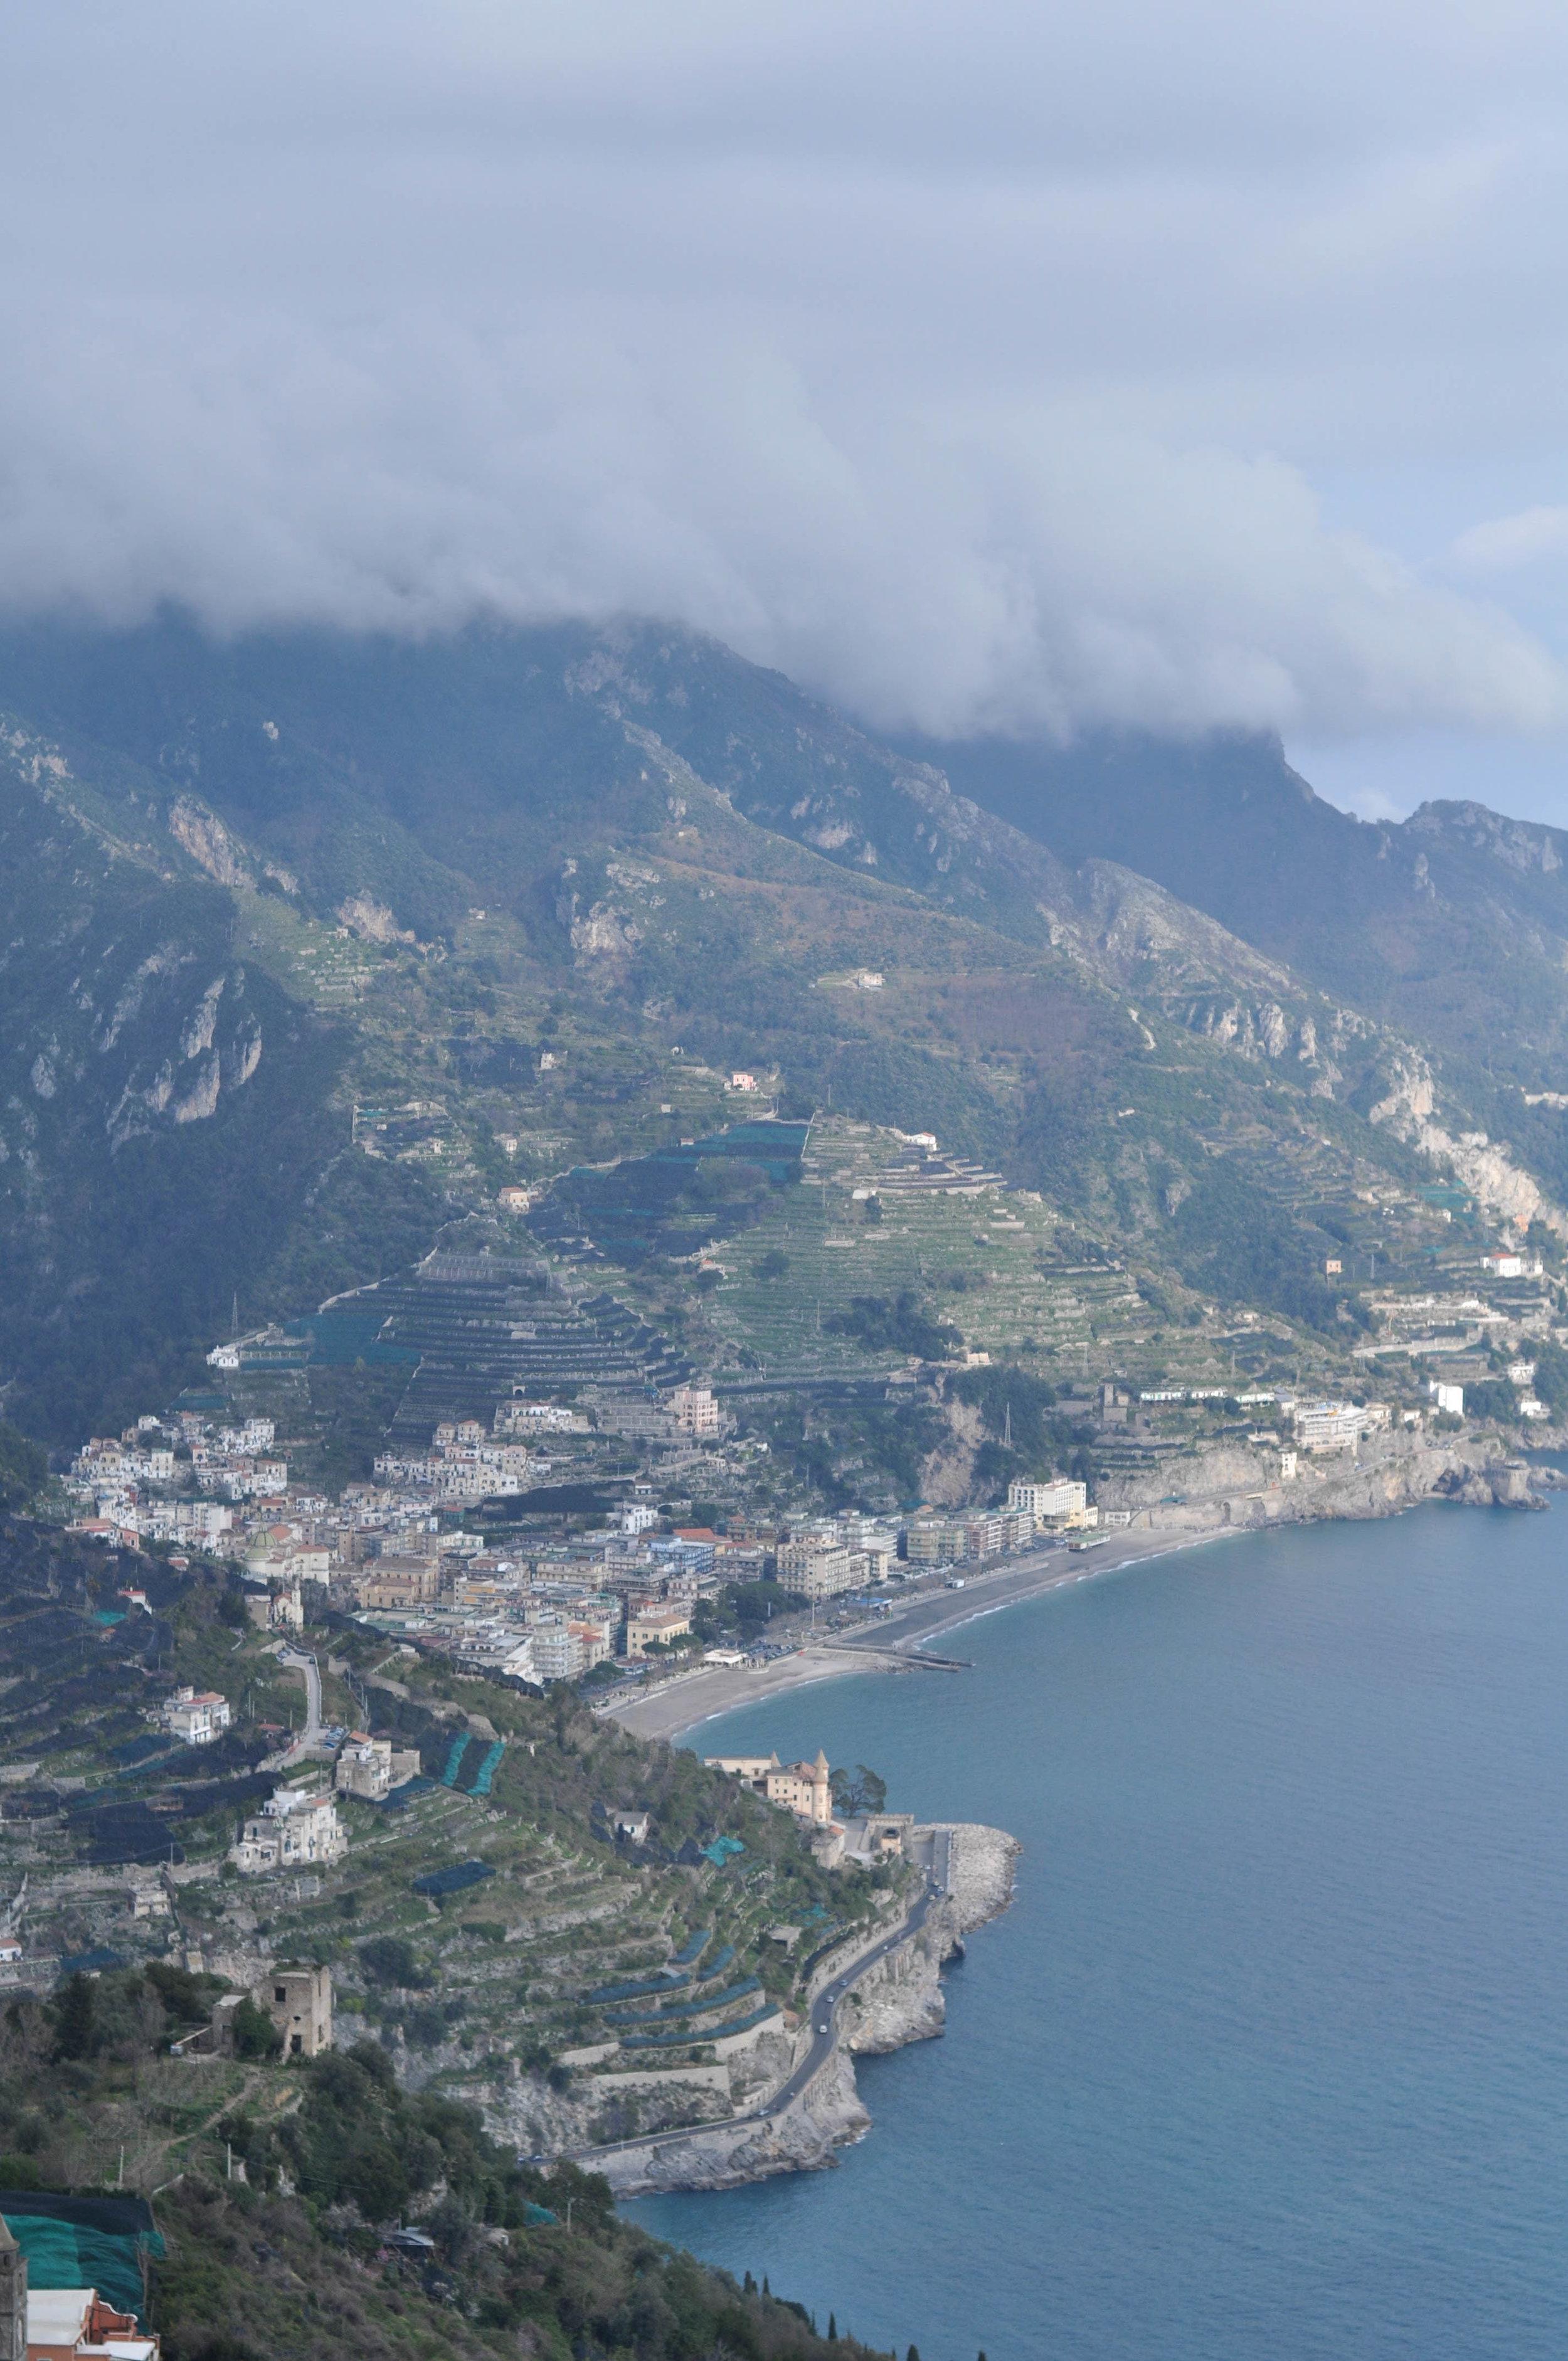 AmalfiCapriPompeii-143.jpg